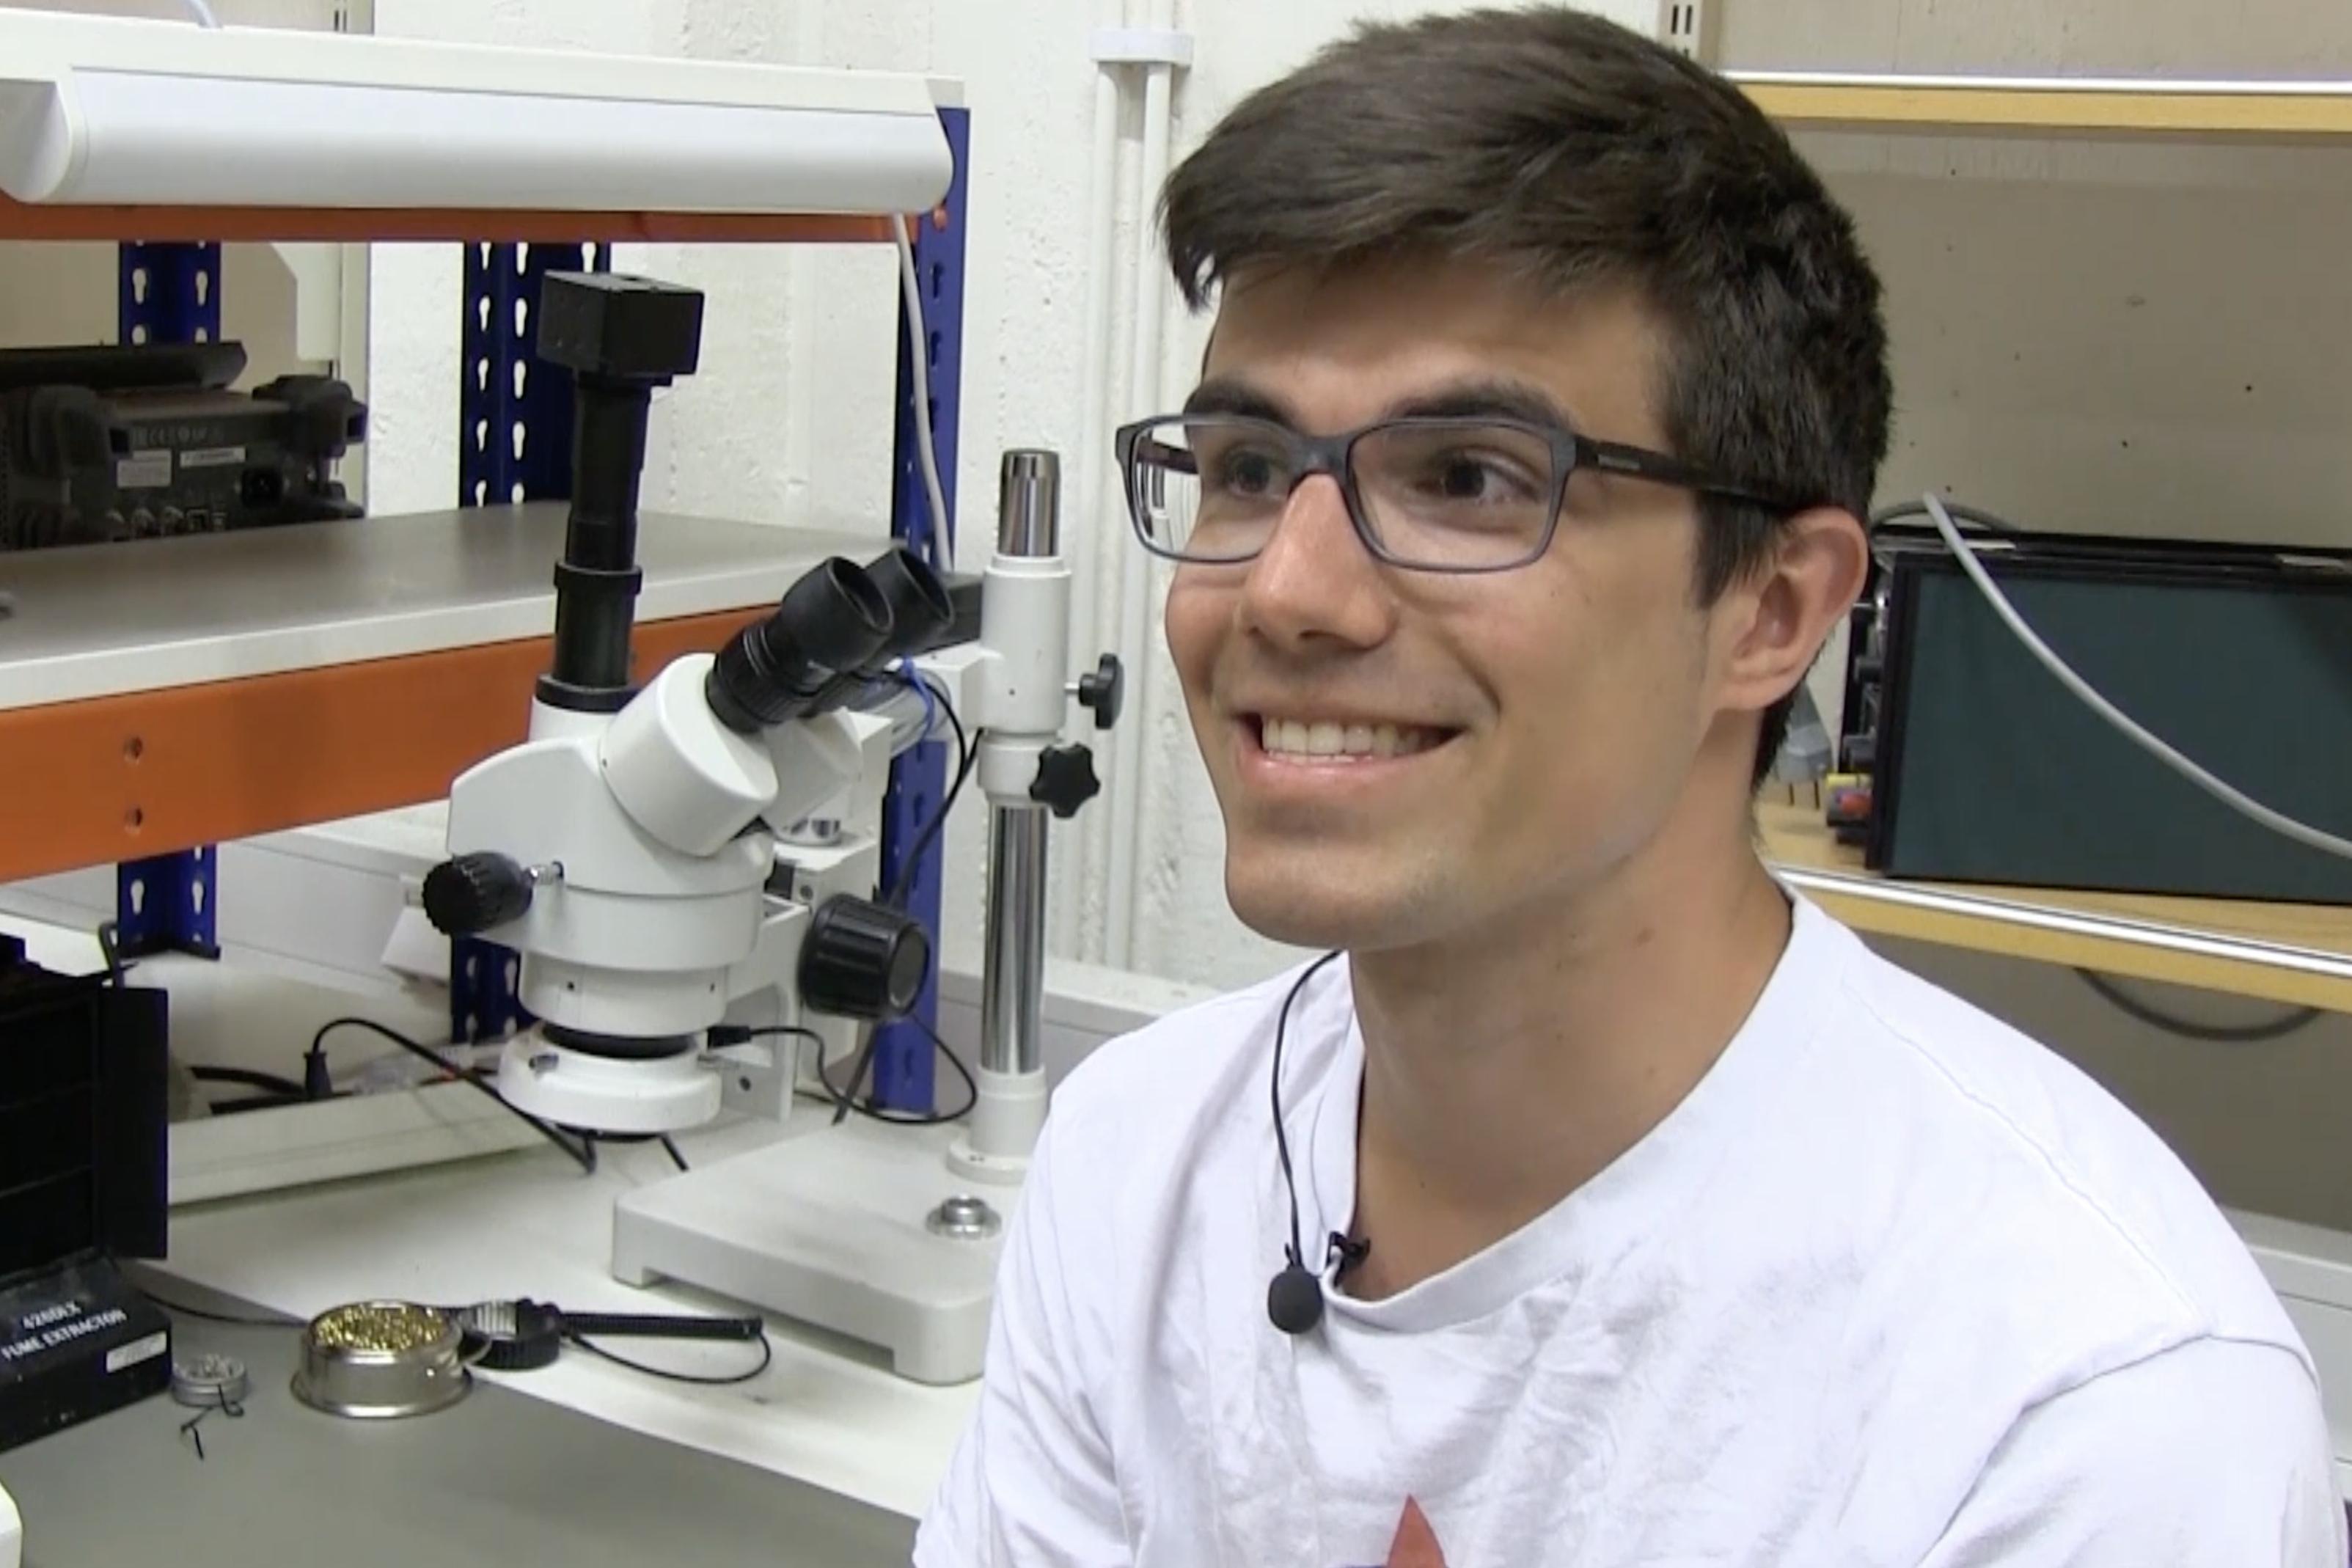 Patrick bygger elektronik på studentraketer